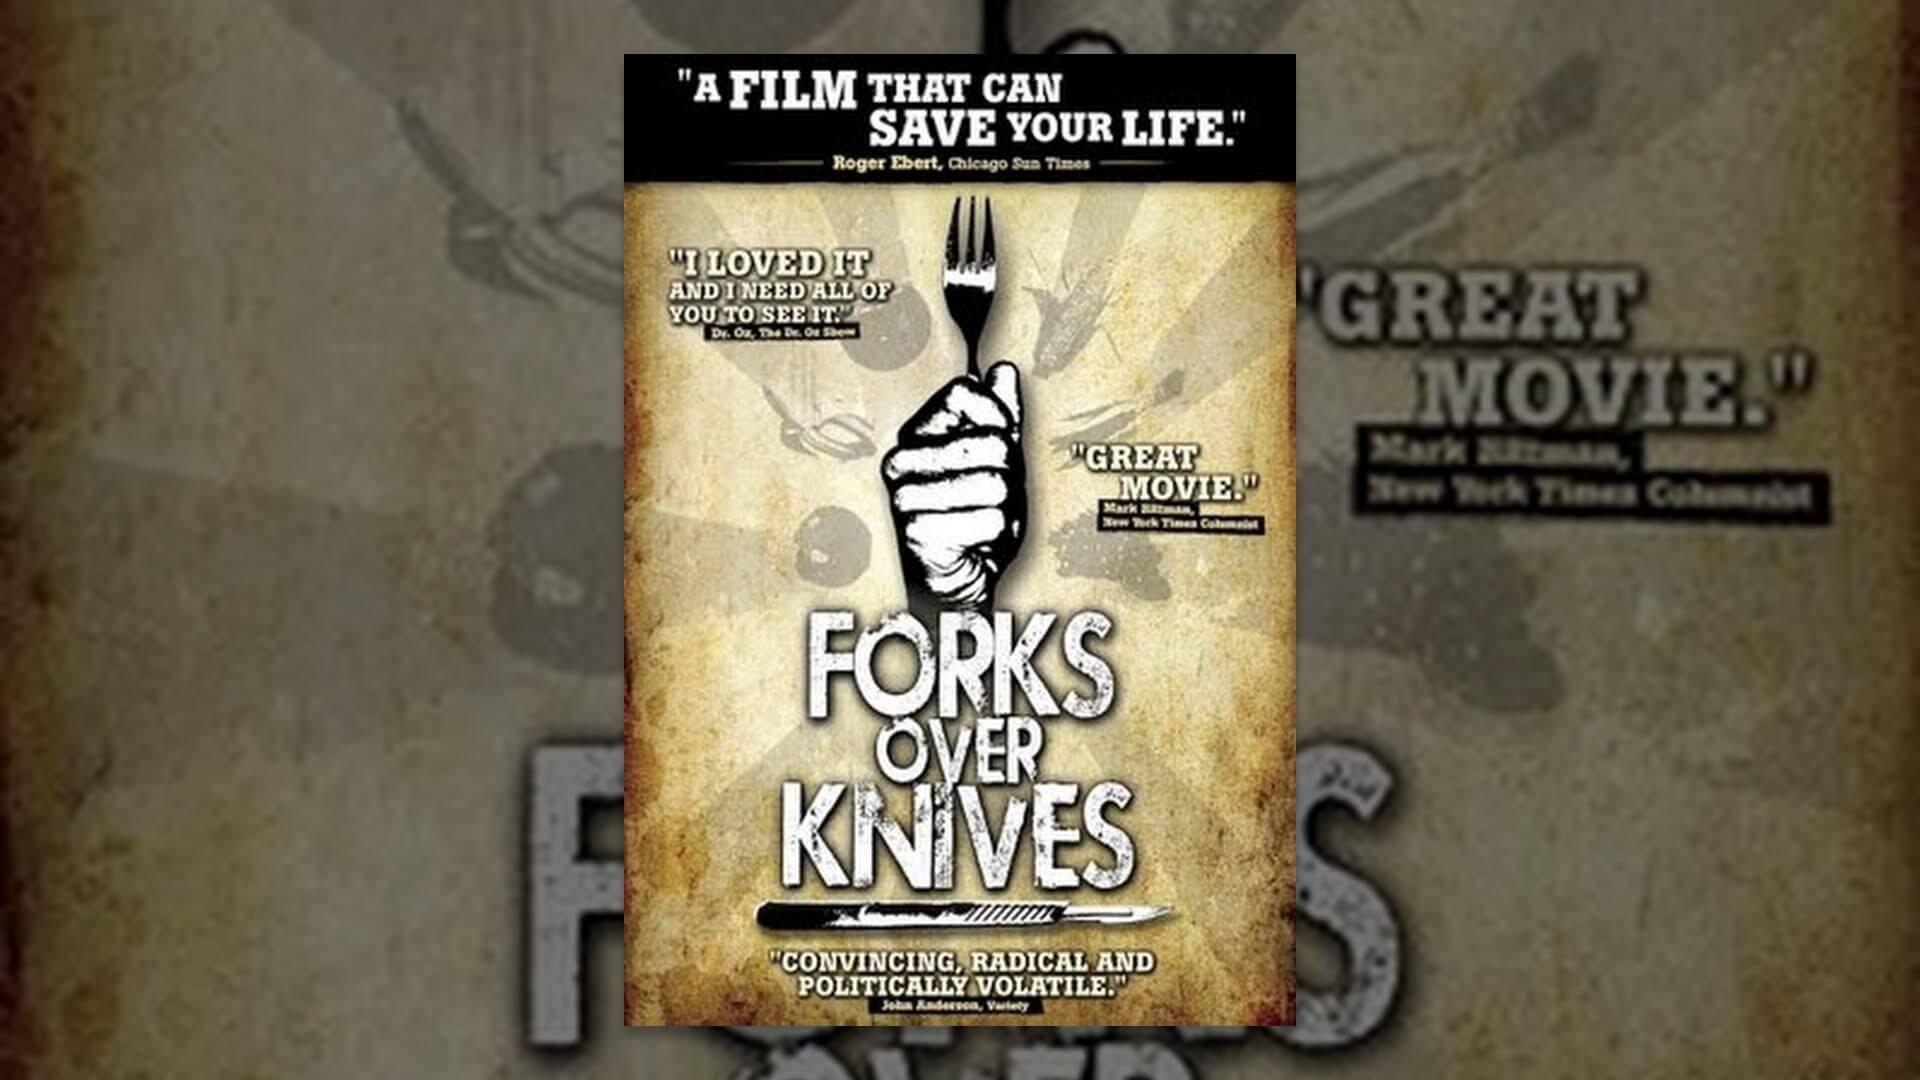 www.forksoverknives.com